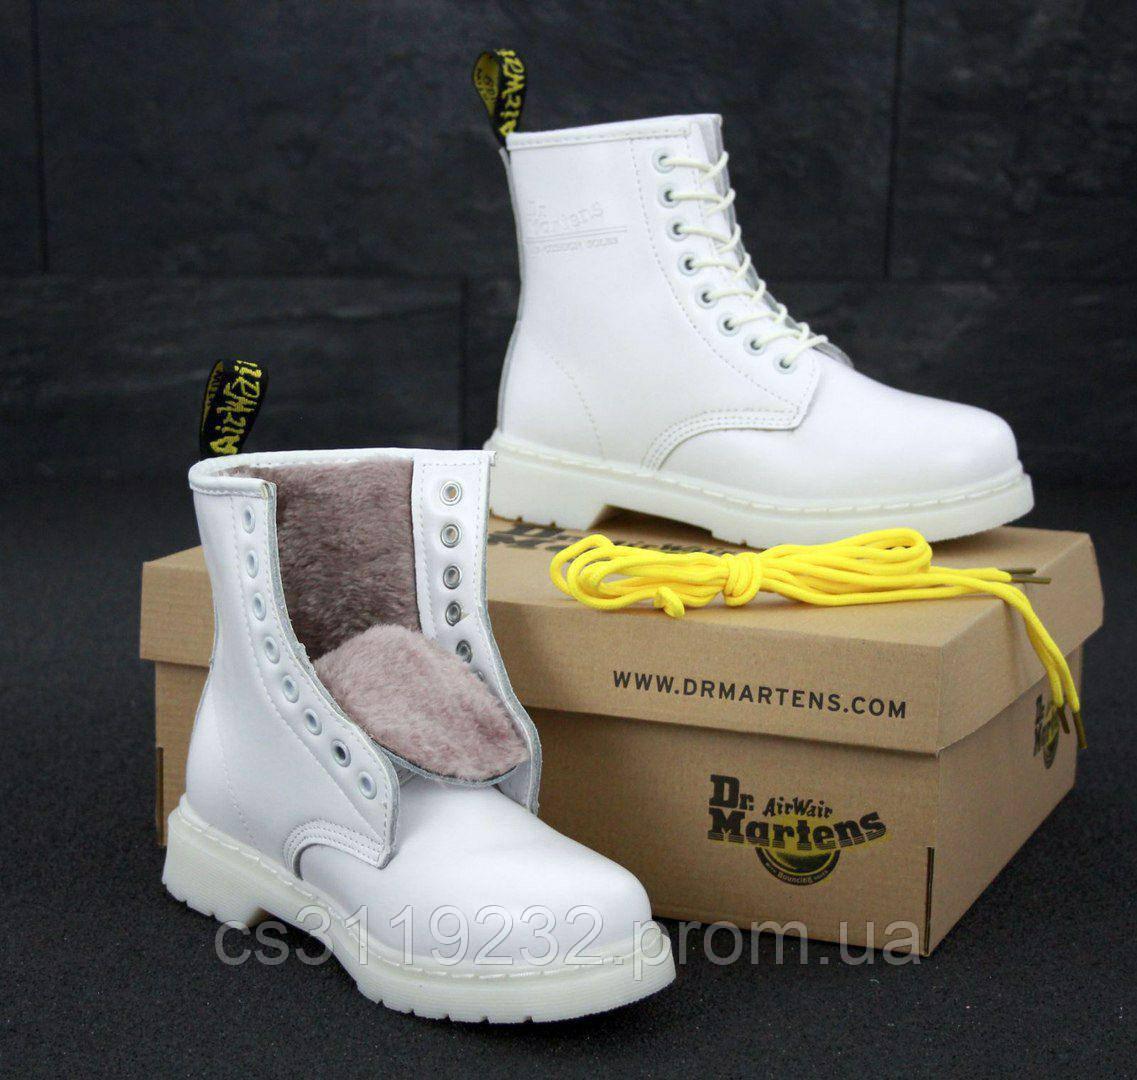 Жіночі черевики зимові Dr Martens 1460 (хутро) (білий)